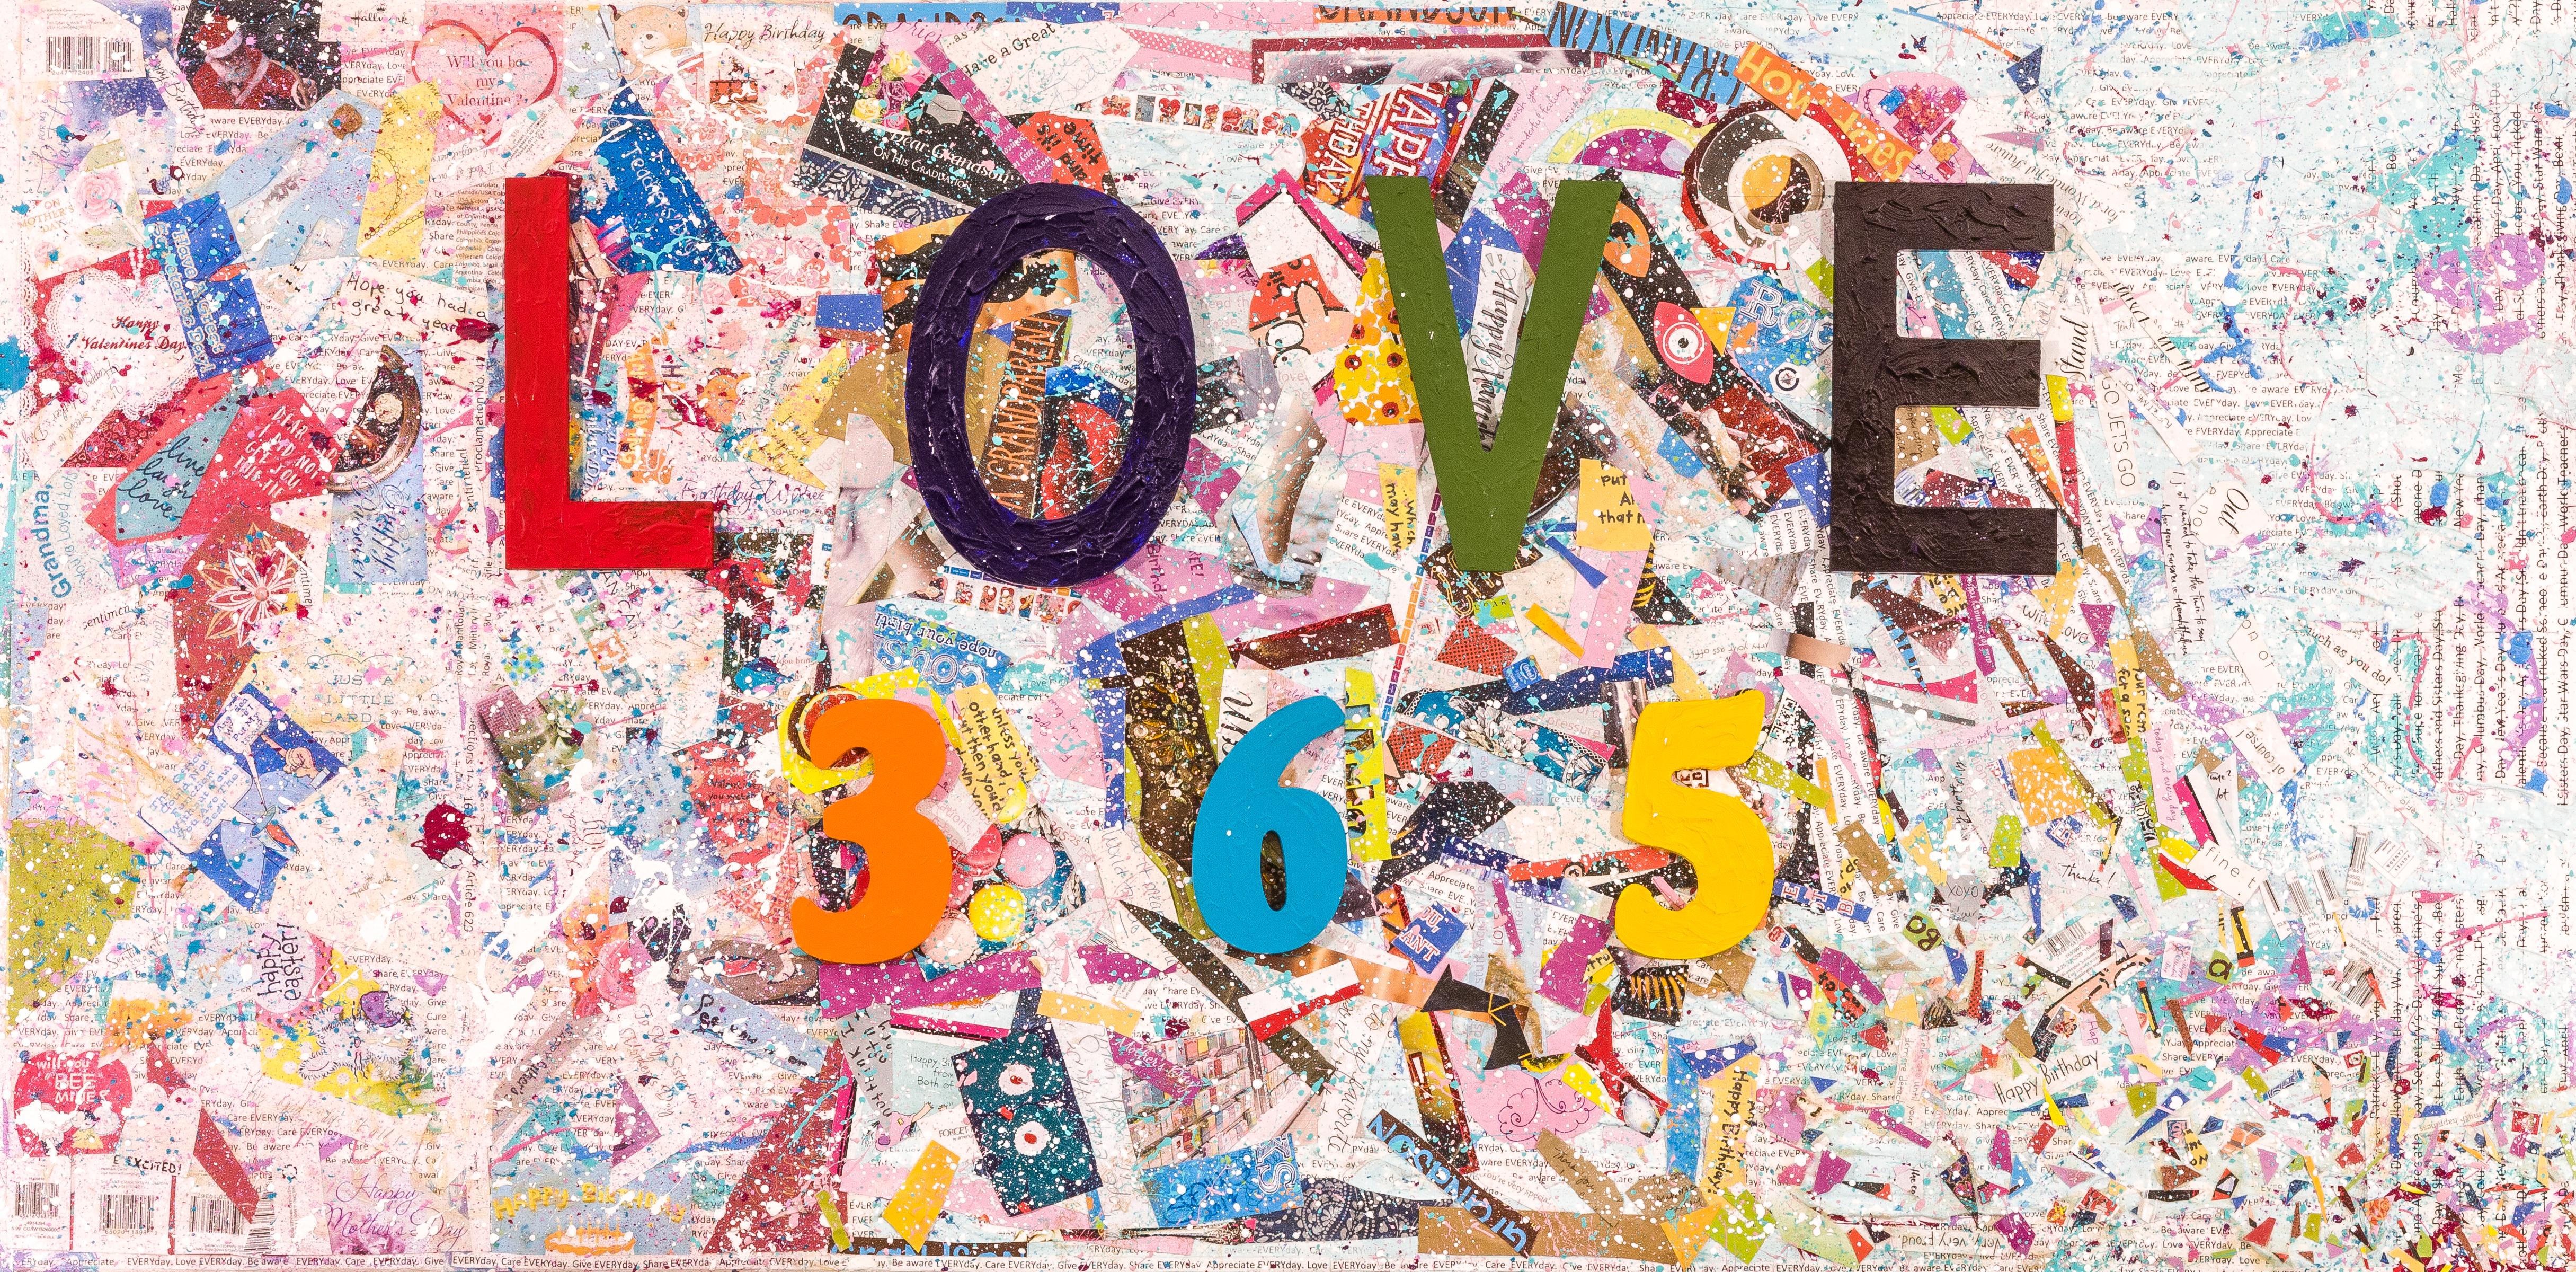 Love 365.25 by JDMG - www.jdmg.co